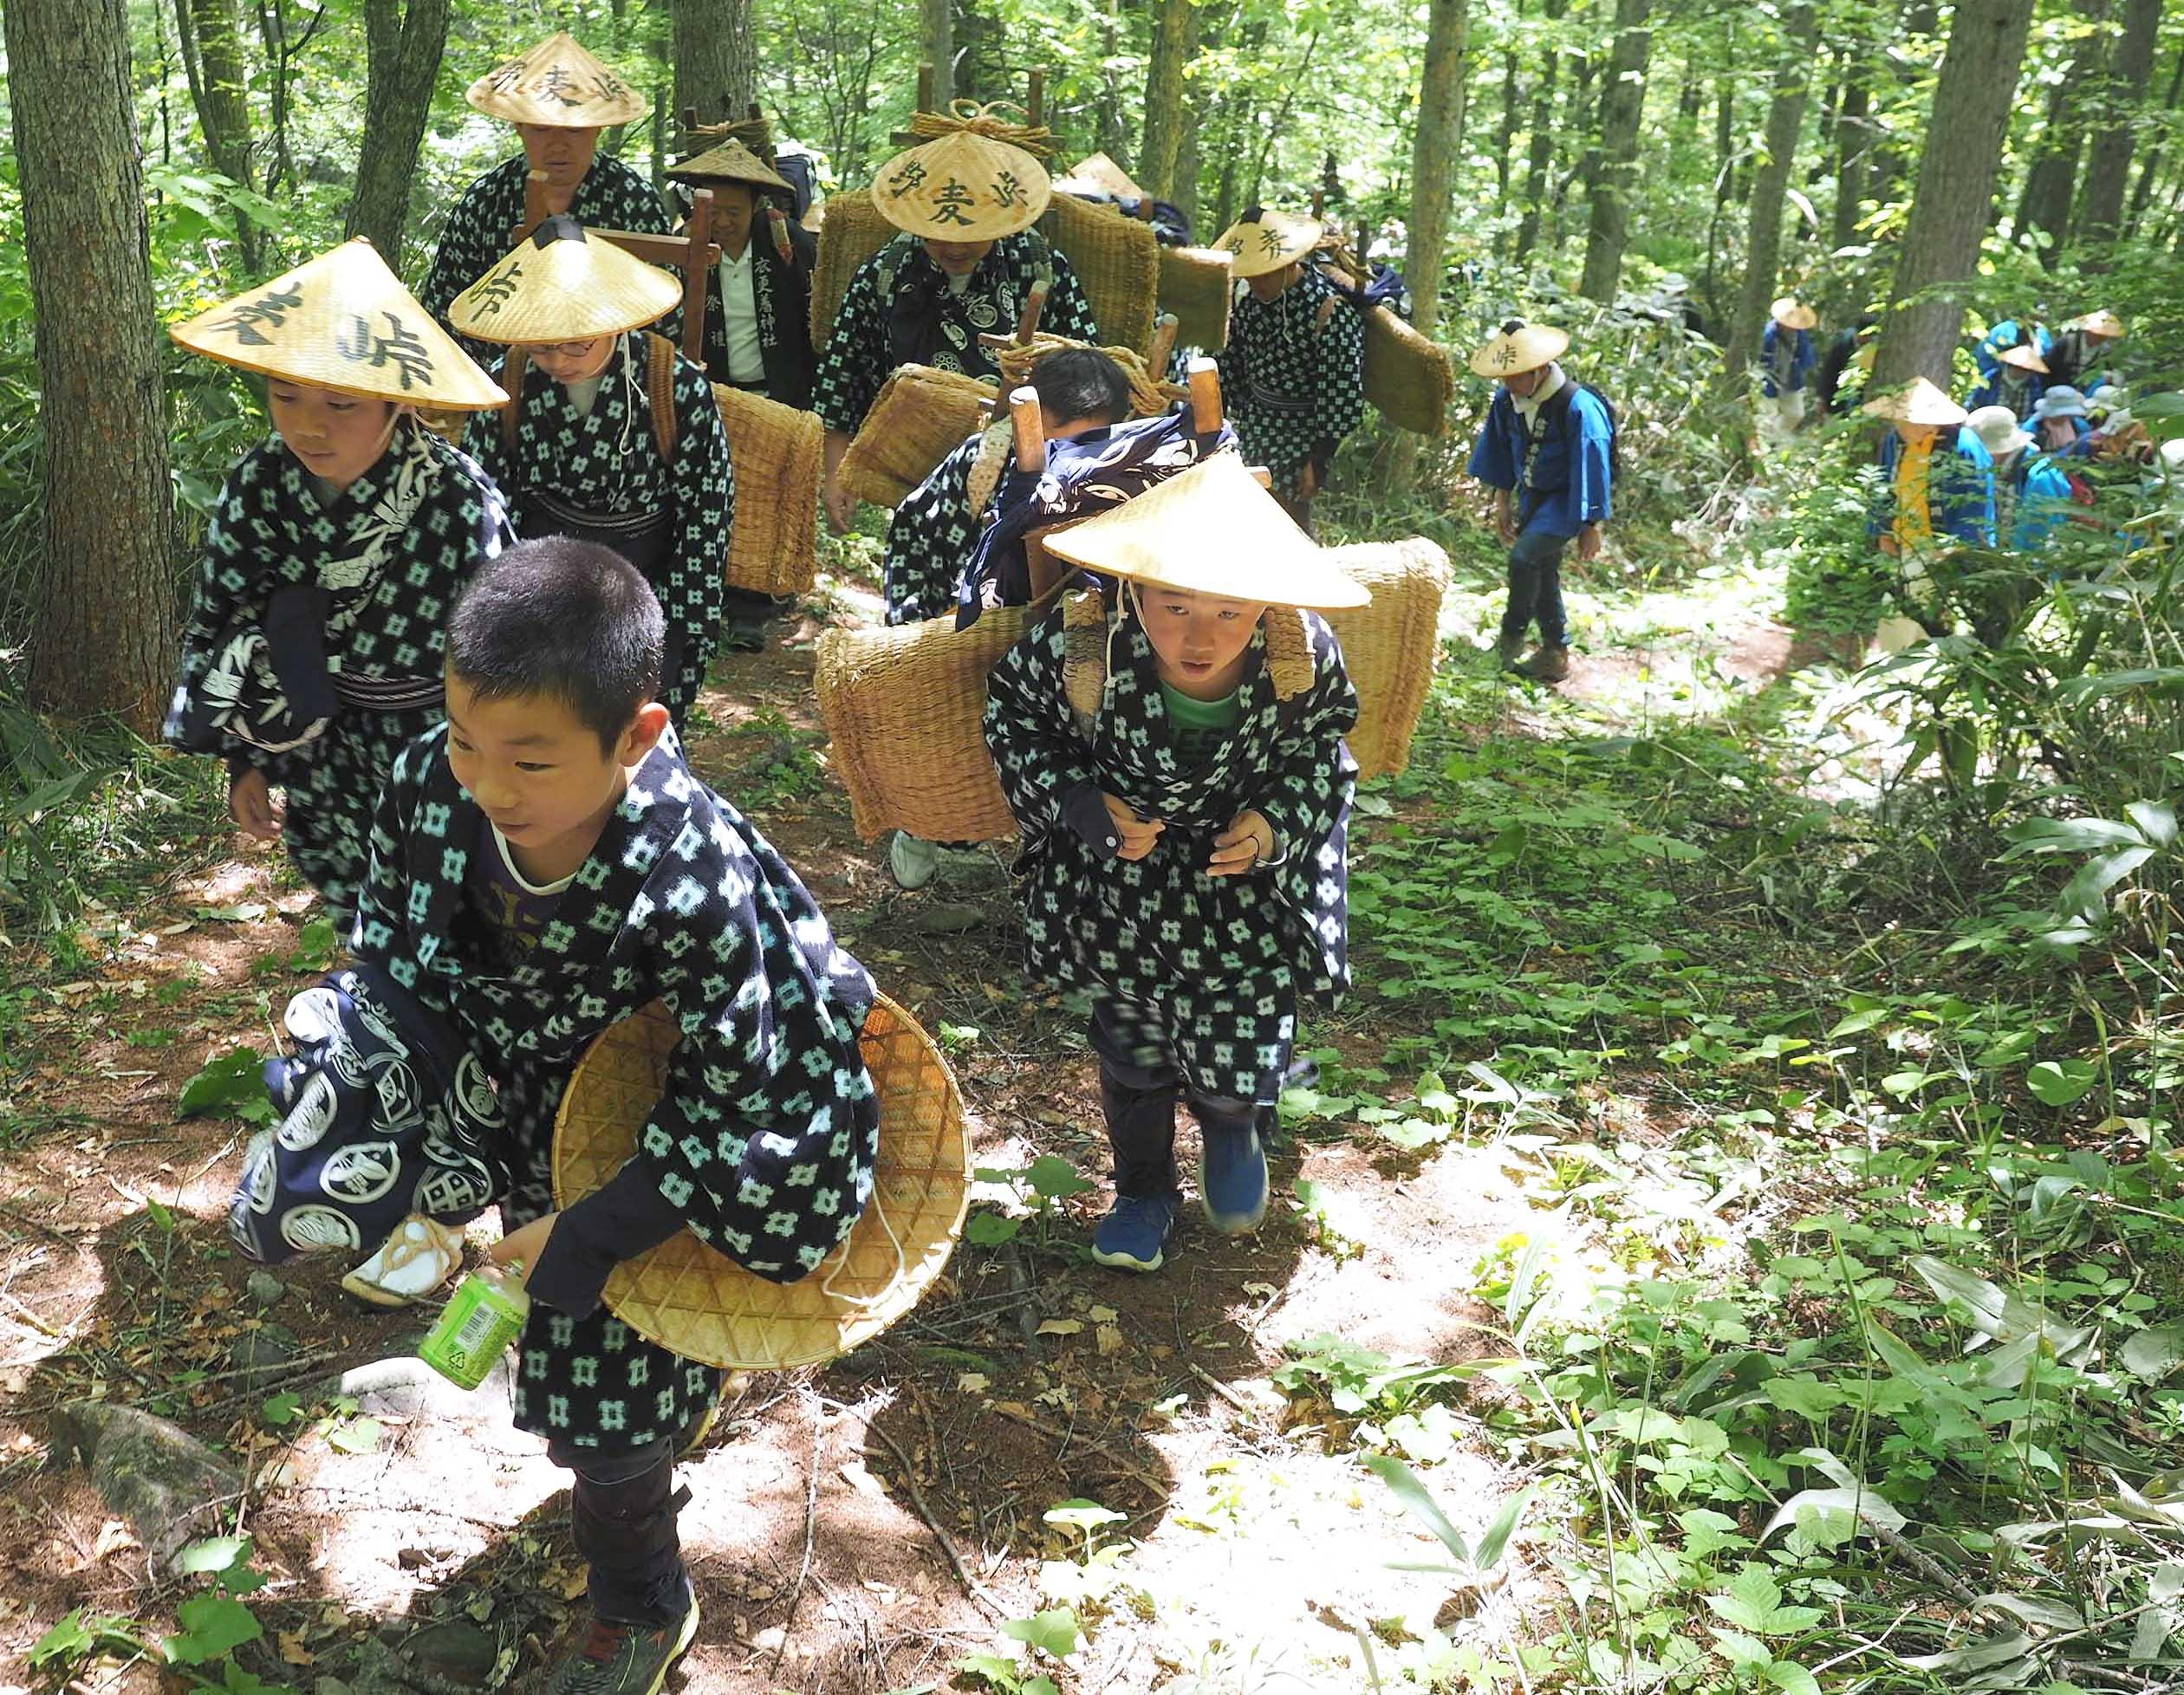 着物姿に、編みがさをかぶって峠の山道を歩く小学生たち